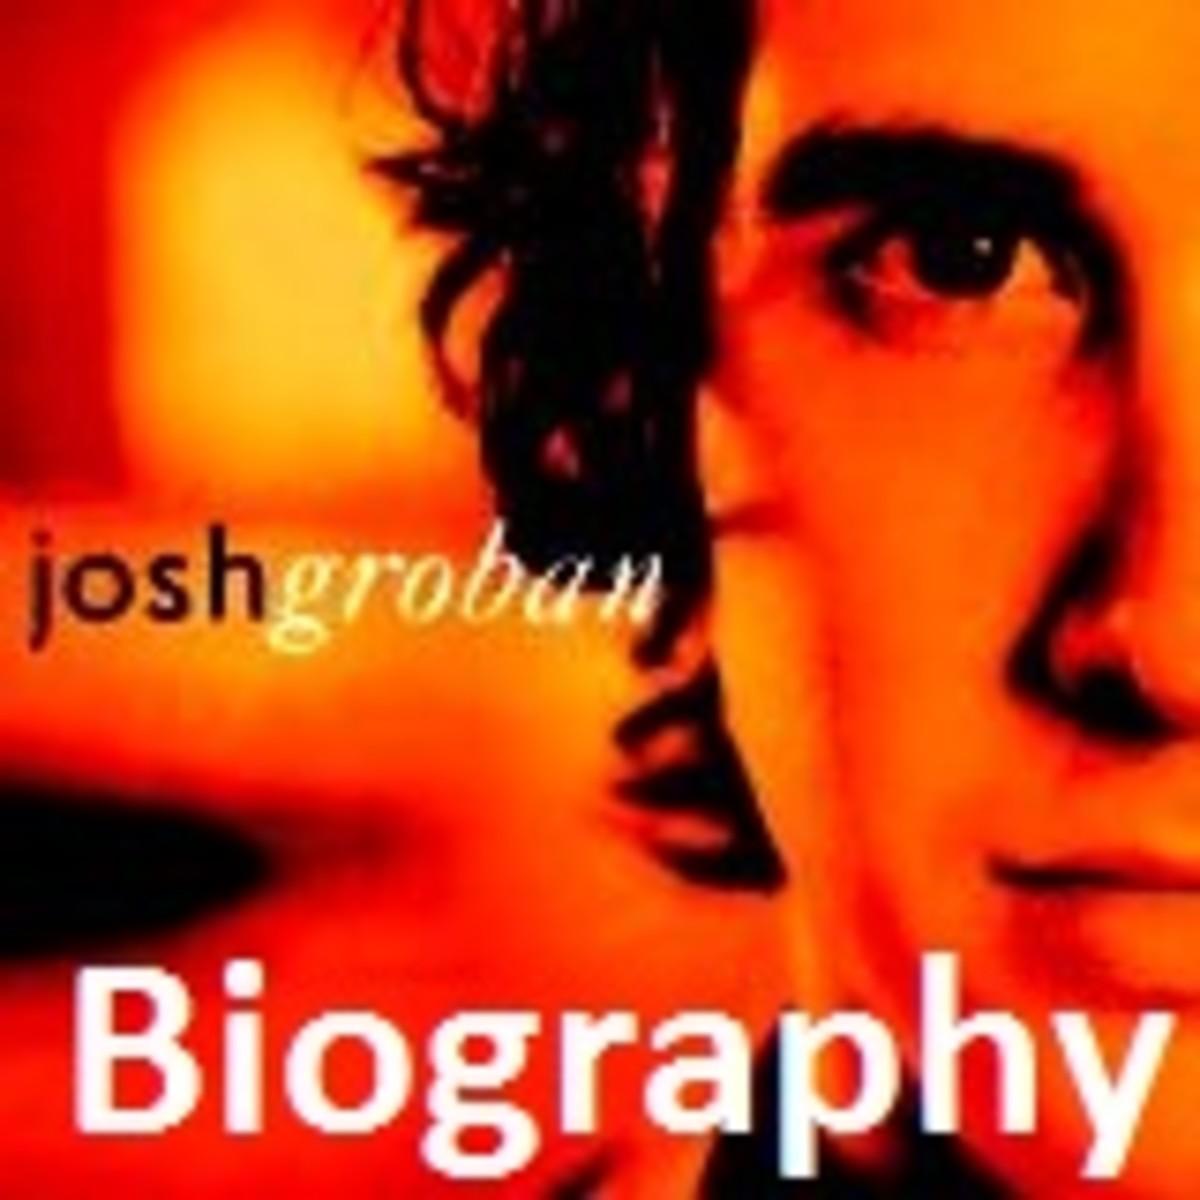 Josh Groban Biography